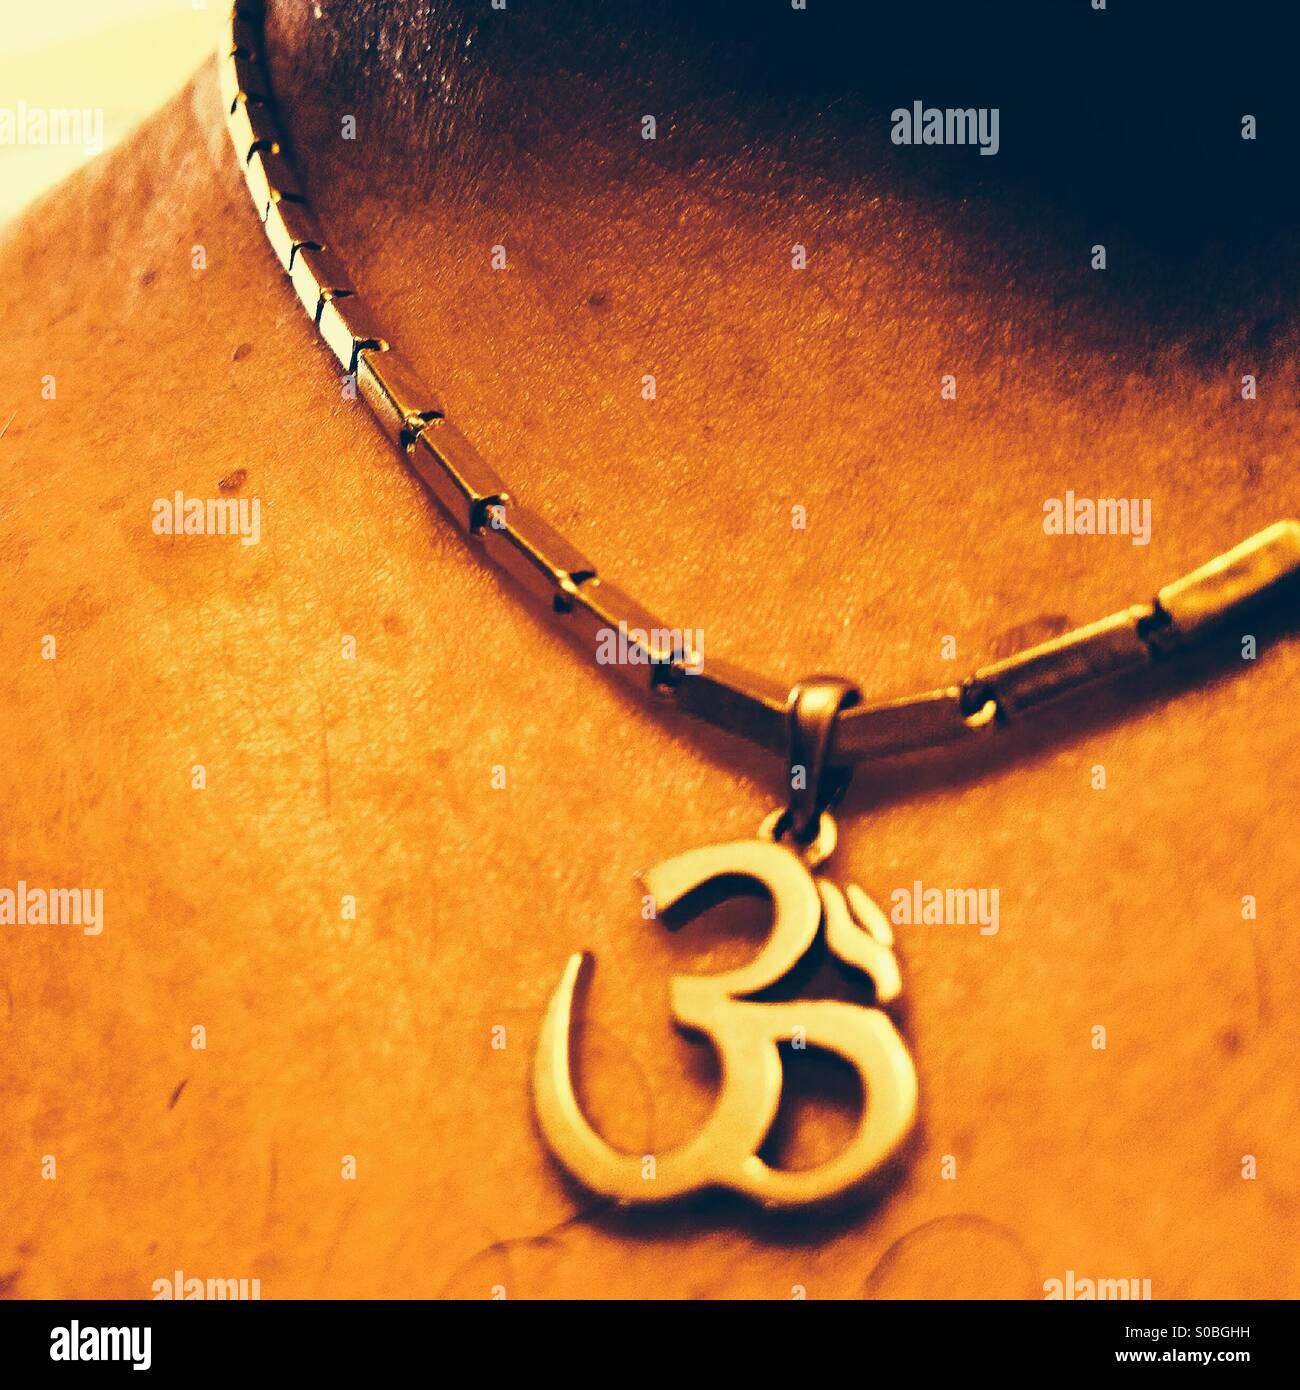 cfc92605c7e2 Oro tailandés tailandés con collar de oro encanto Om colgantes en mans  cuello